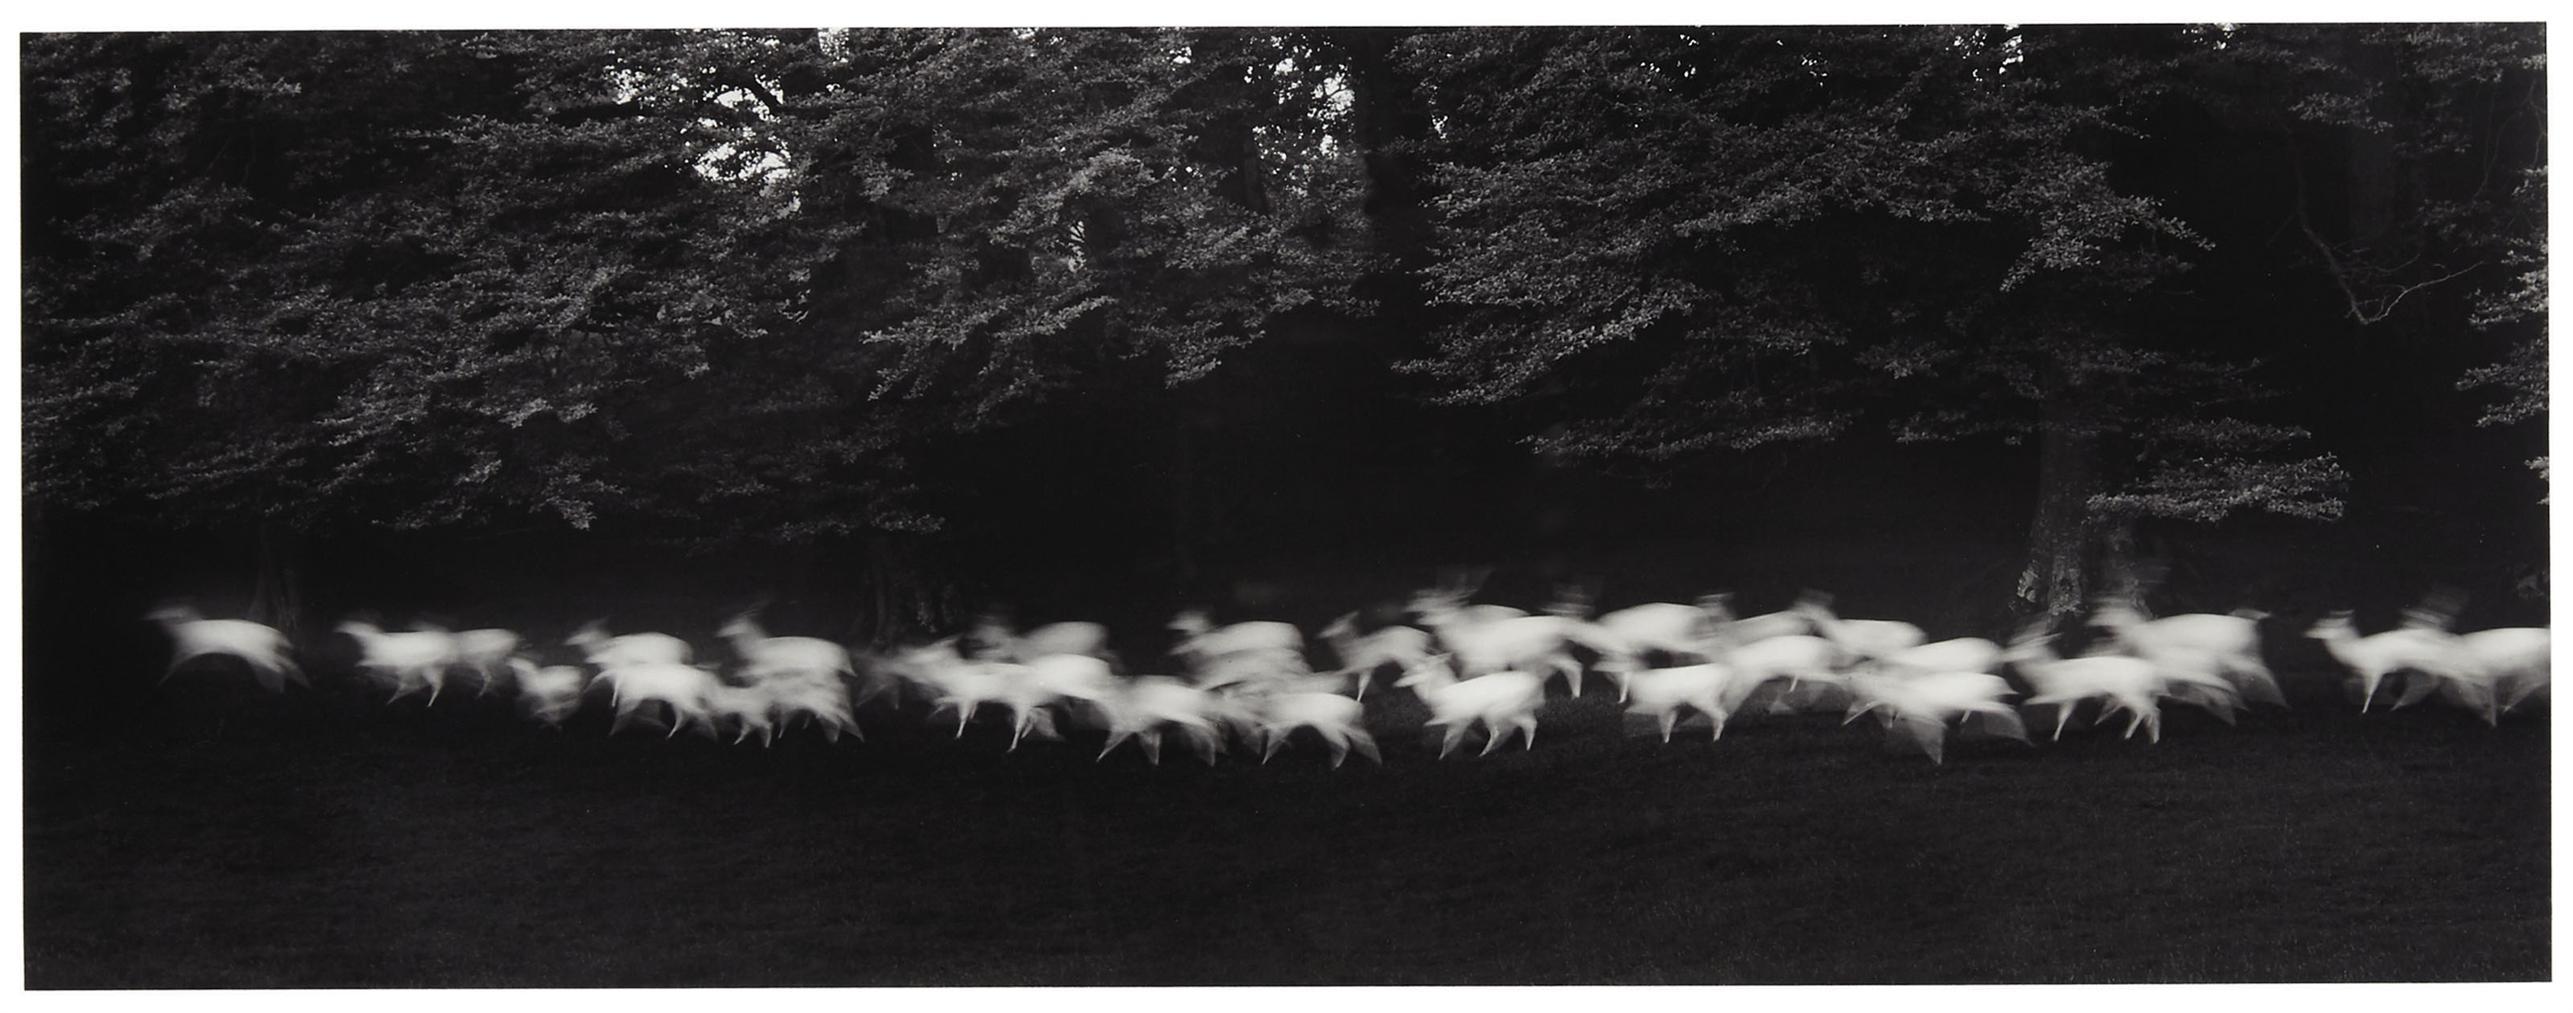 Paul Caponigro-Running White Deer, Wicklow, Ireland-1967